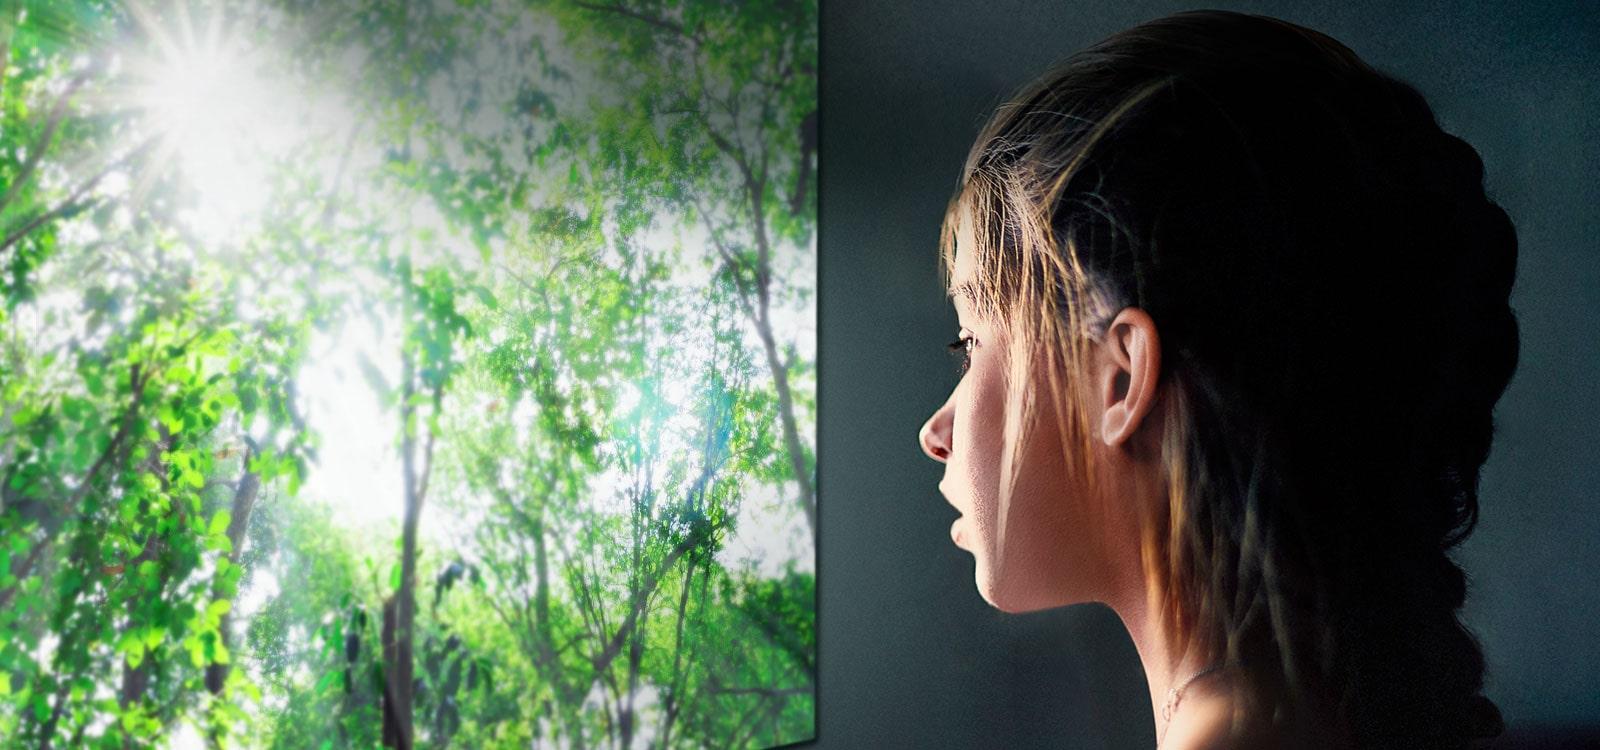 LG UHD AI TV agora com Inteligência Artificial